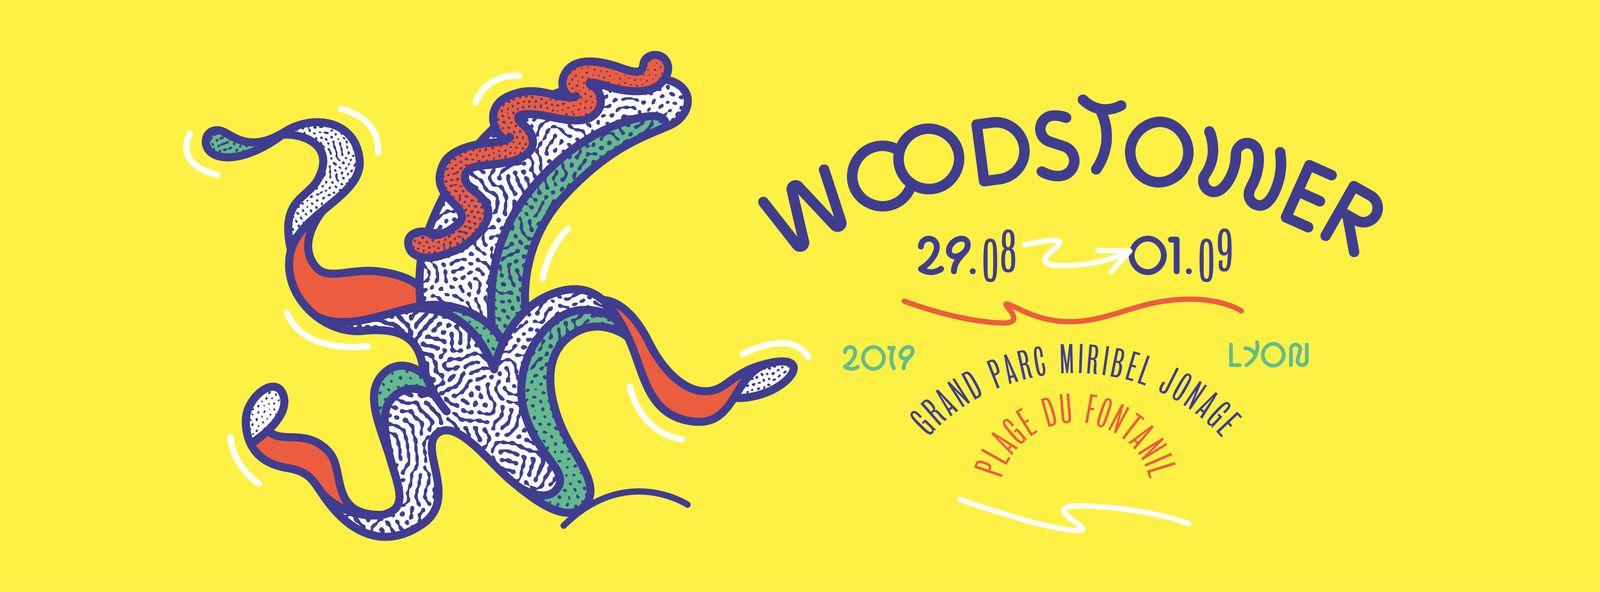 #Concert - #Musique - Festival #Woodstower les premiers noms dévoilés !